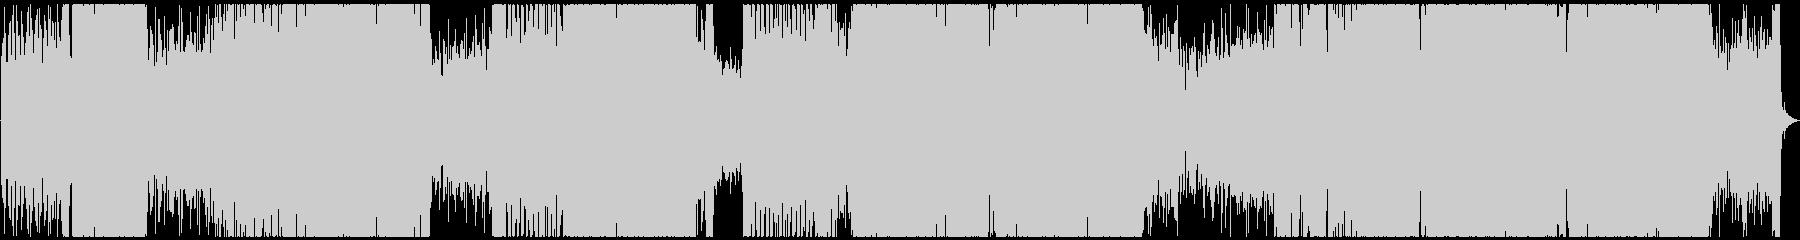 Aviciiを彷彿させるADMサウンドの未再生の波形